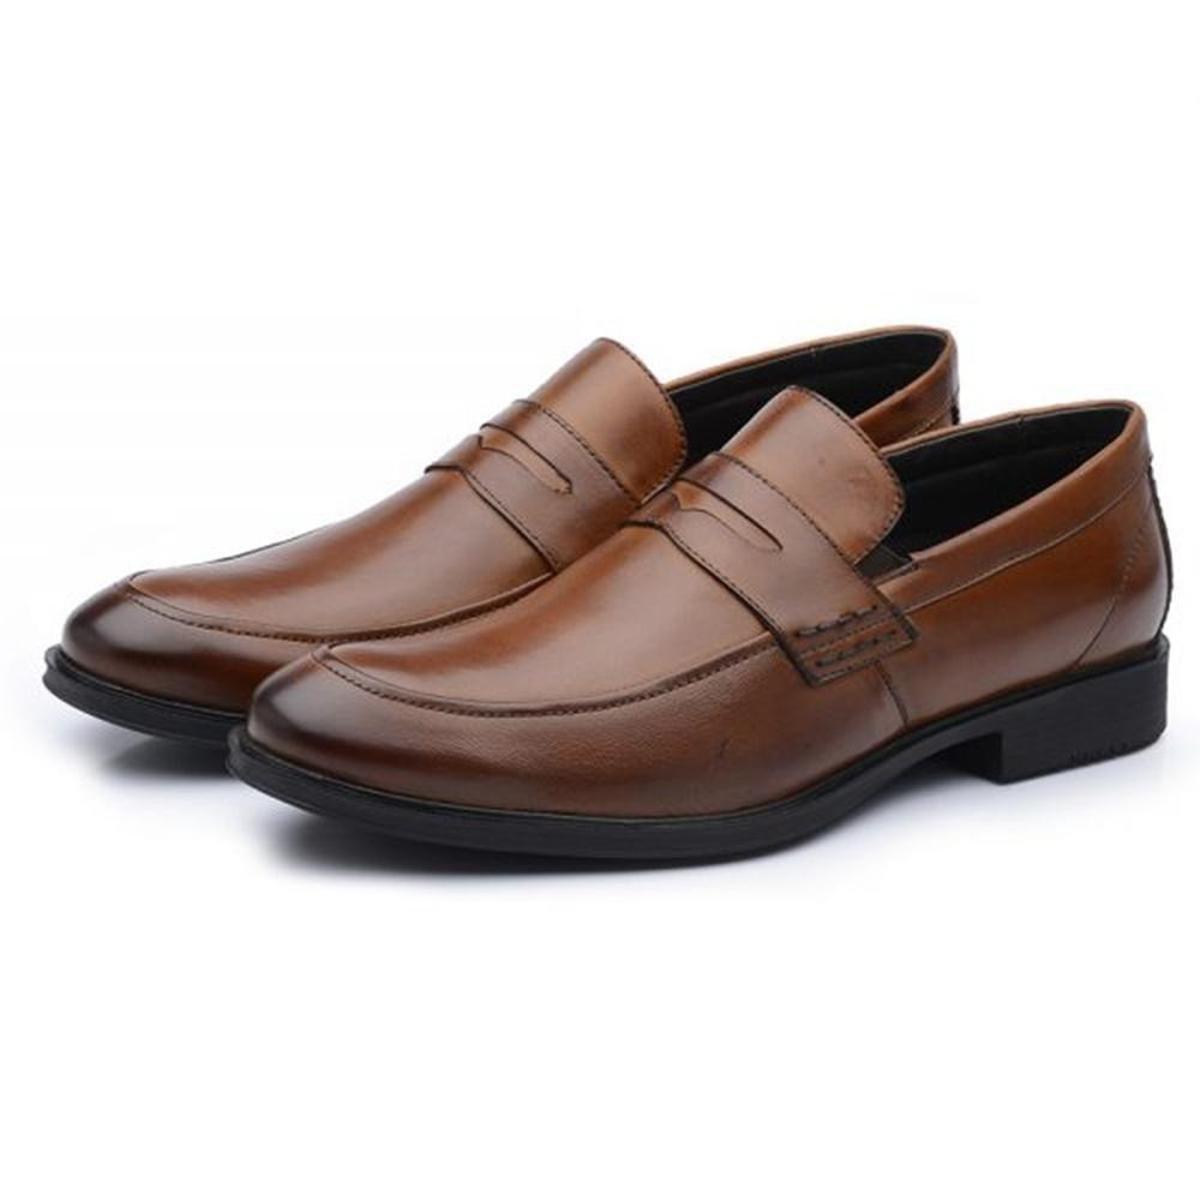 6c0ffda4c6 Sapato Social Masculino Couro Liso Hidha - Compre Agora